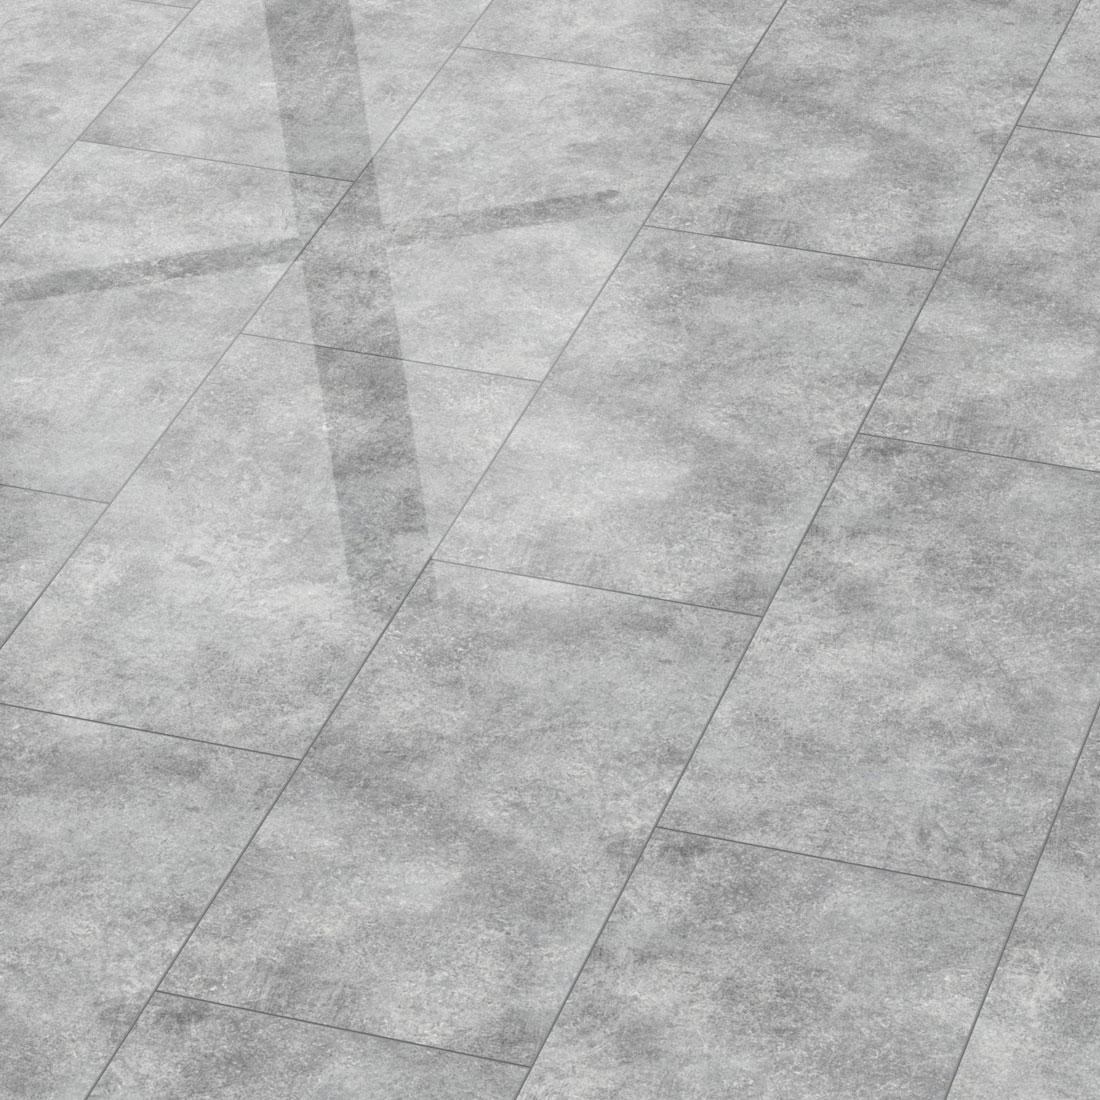 KRONOTEX Laminat Glamour Solino D3528 Fliesenoptik Steinoptik V4-Fuge Hochglanz – Bild 1